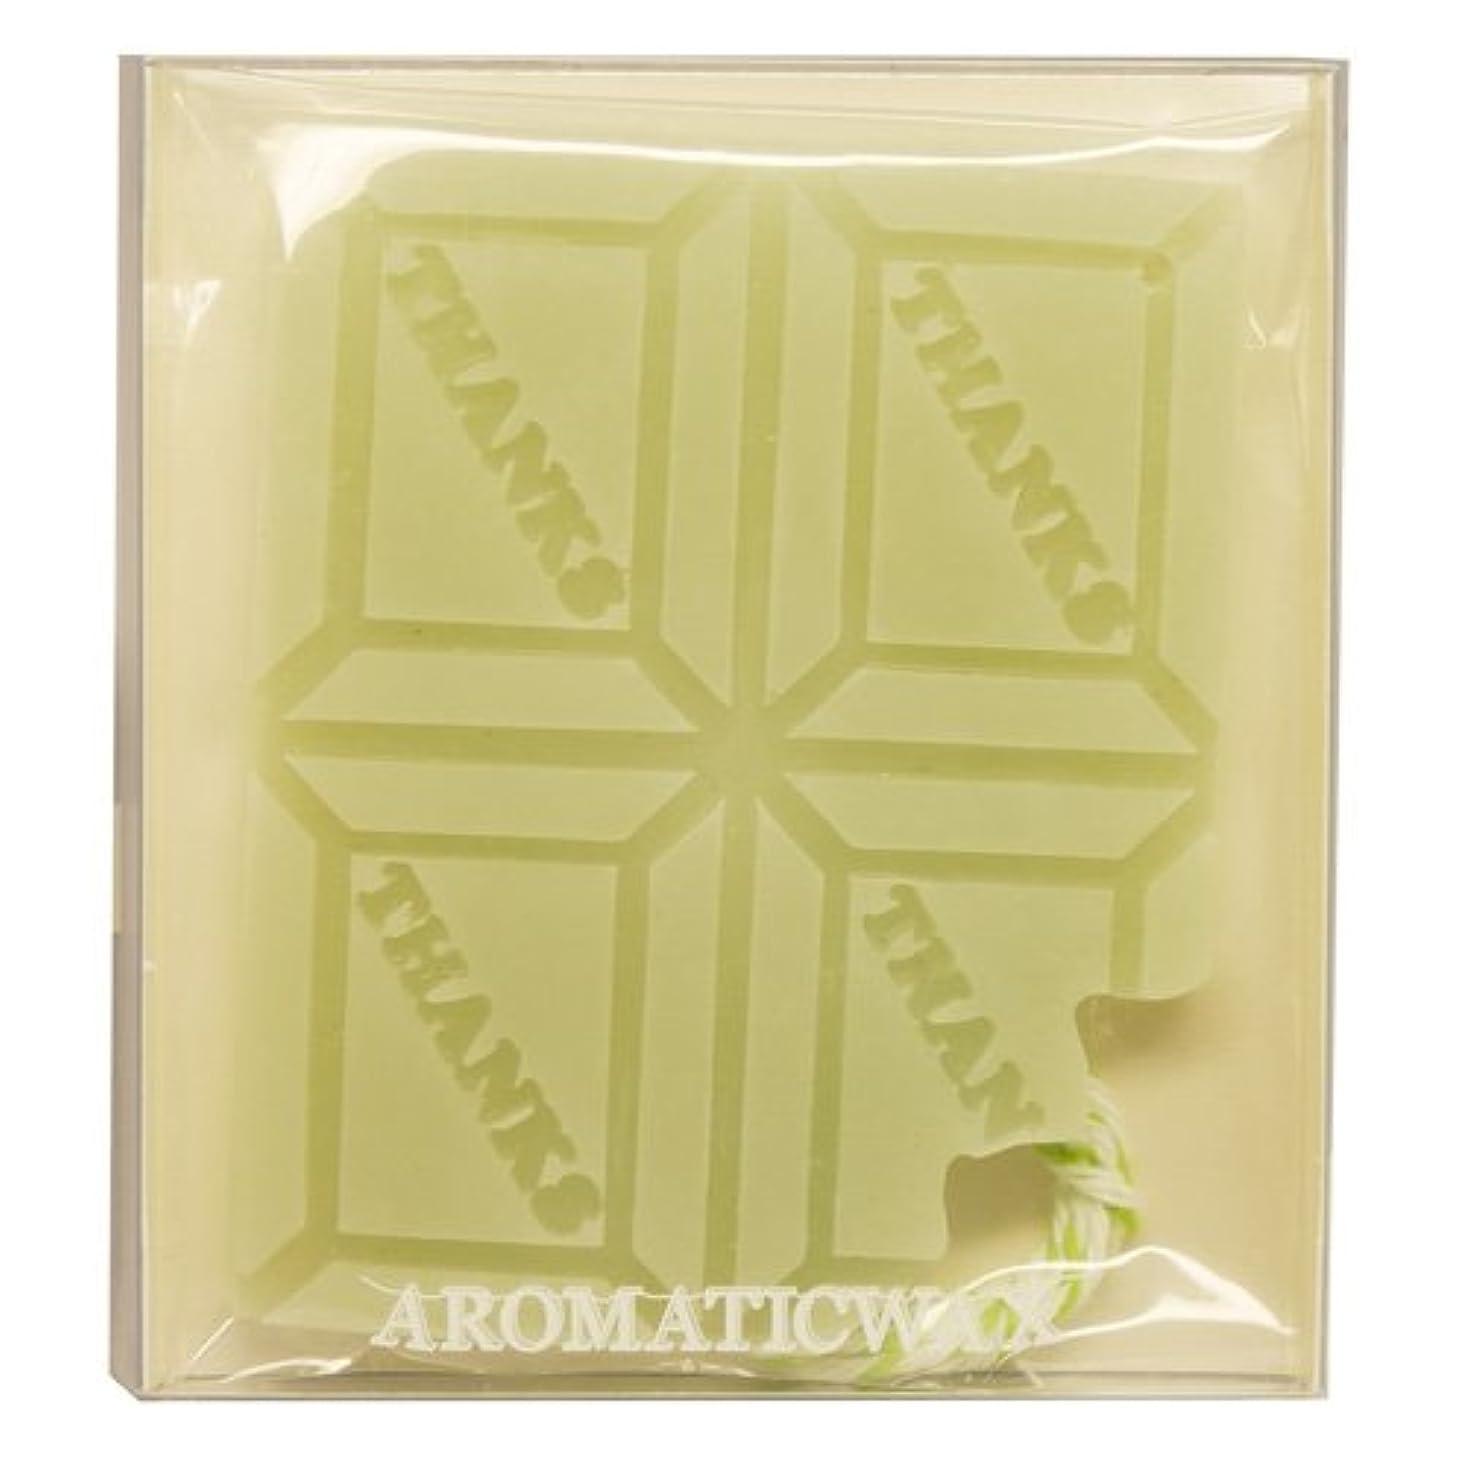 深く間違い怠けたGRASSE TOKYO AROMATICWAXチャーム「板チョコ(THANKS)」(GR) レモングラス アロマティックワックス グラーストウキョウ